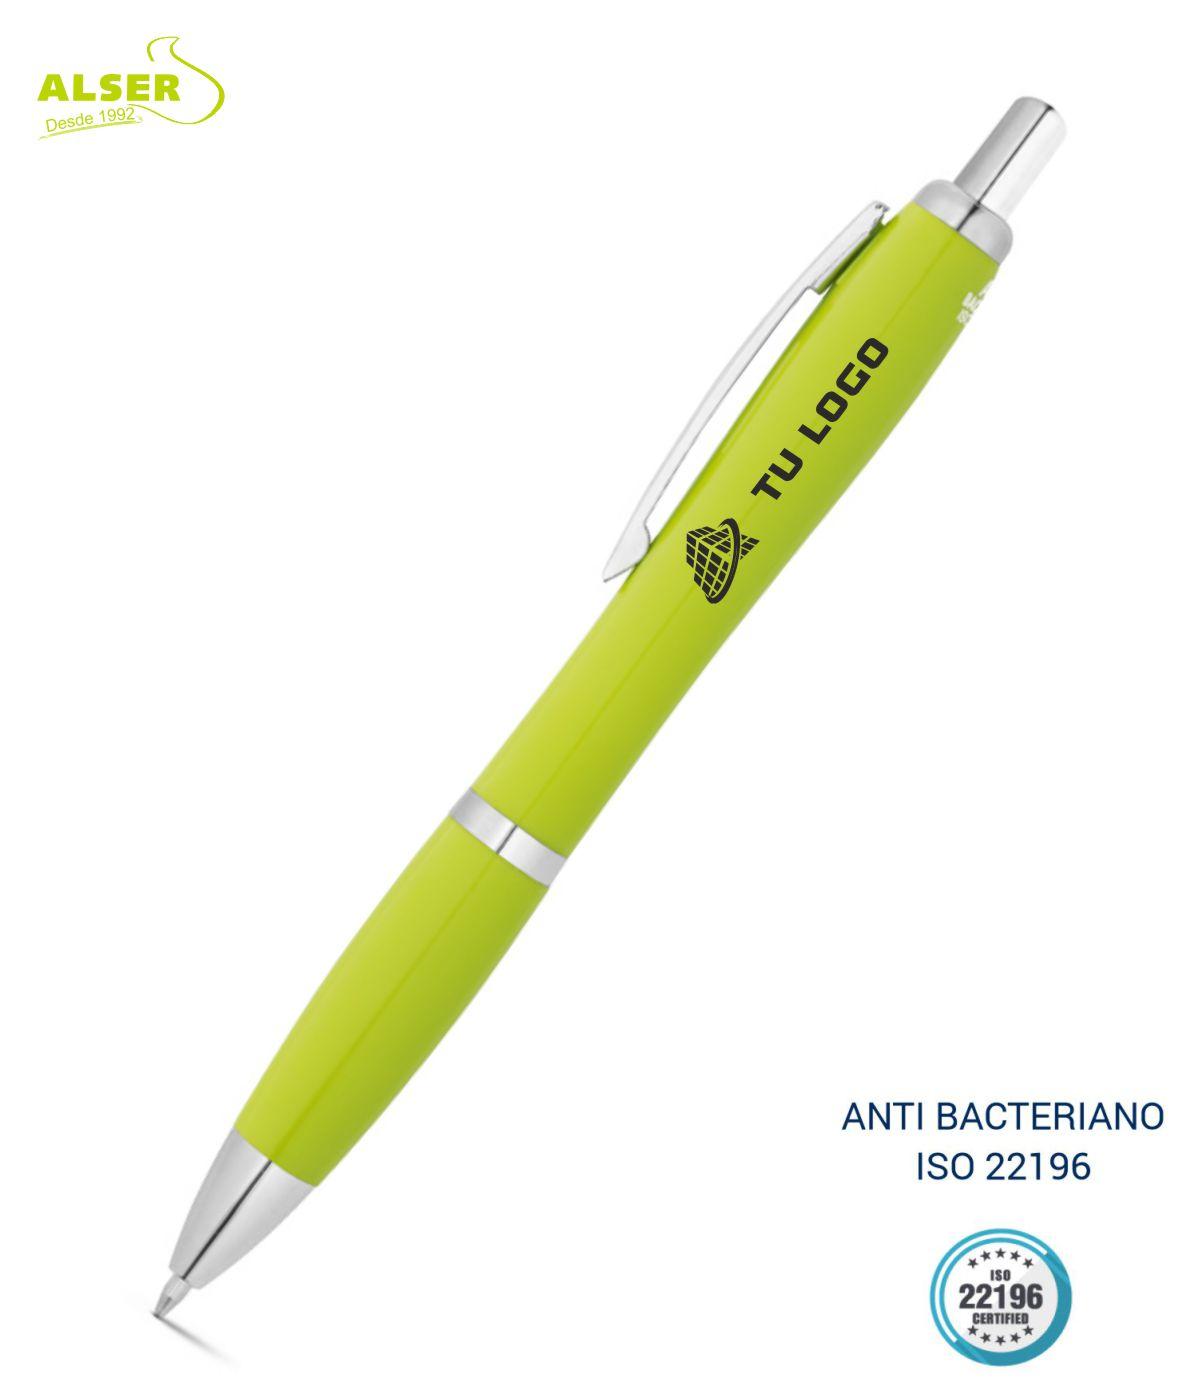 Boligrafo anti bacteriano verde claro